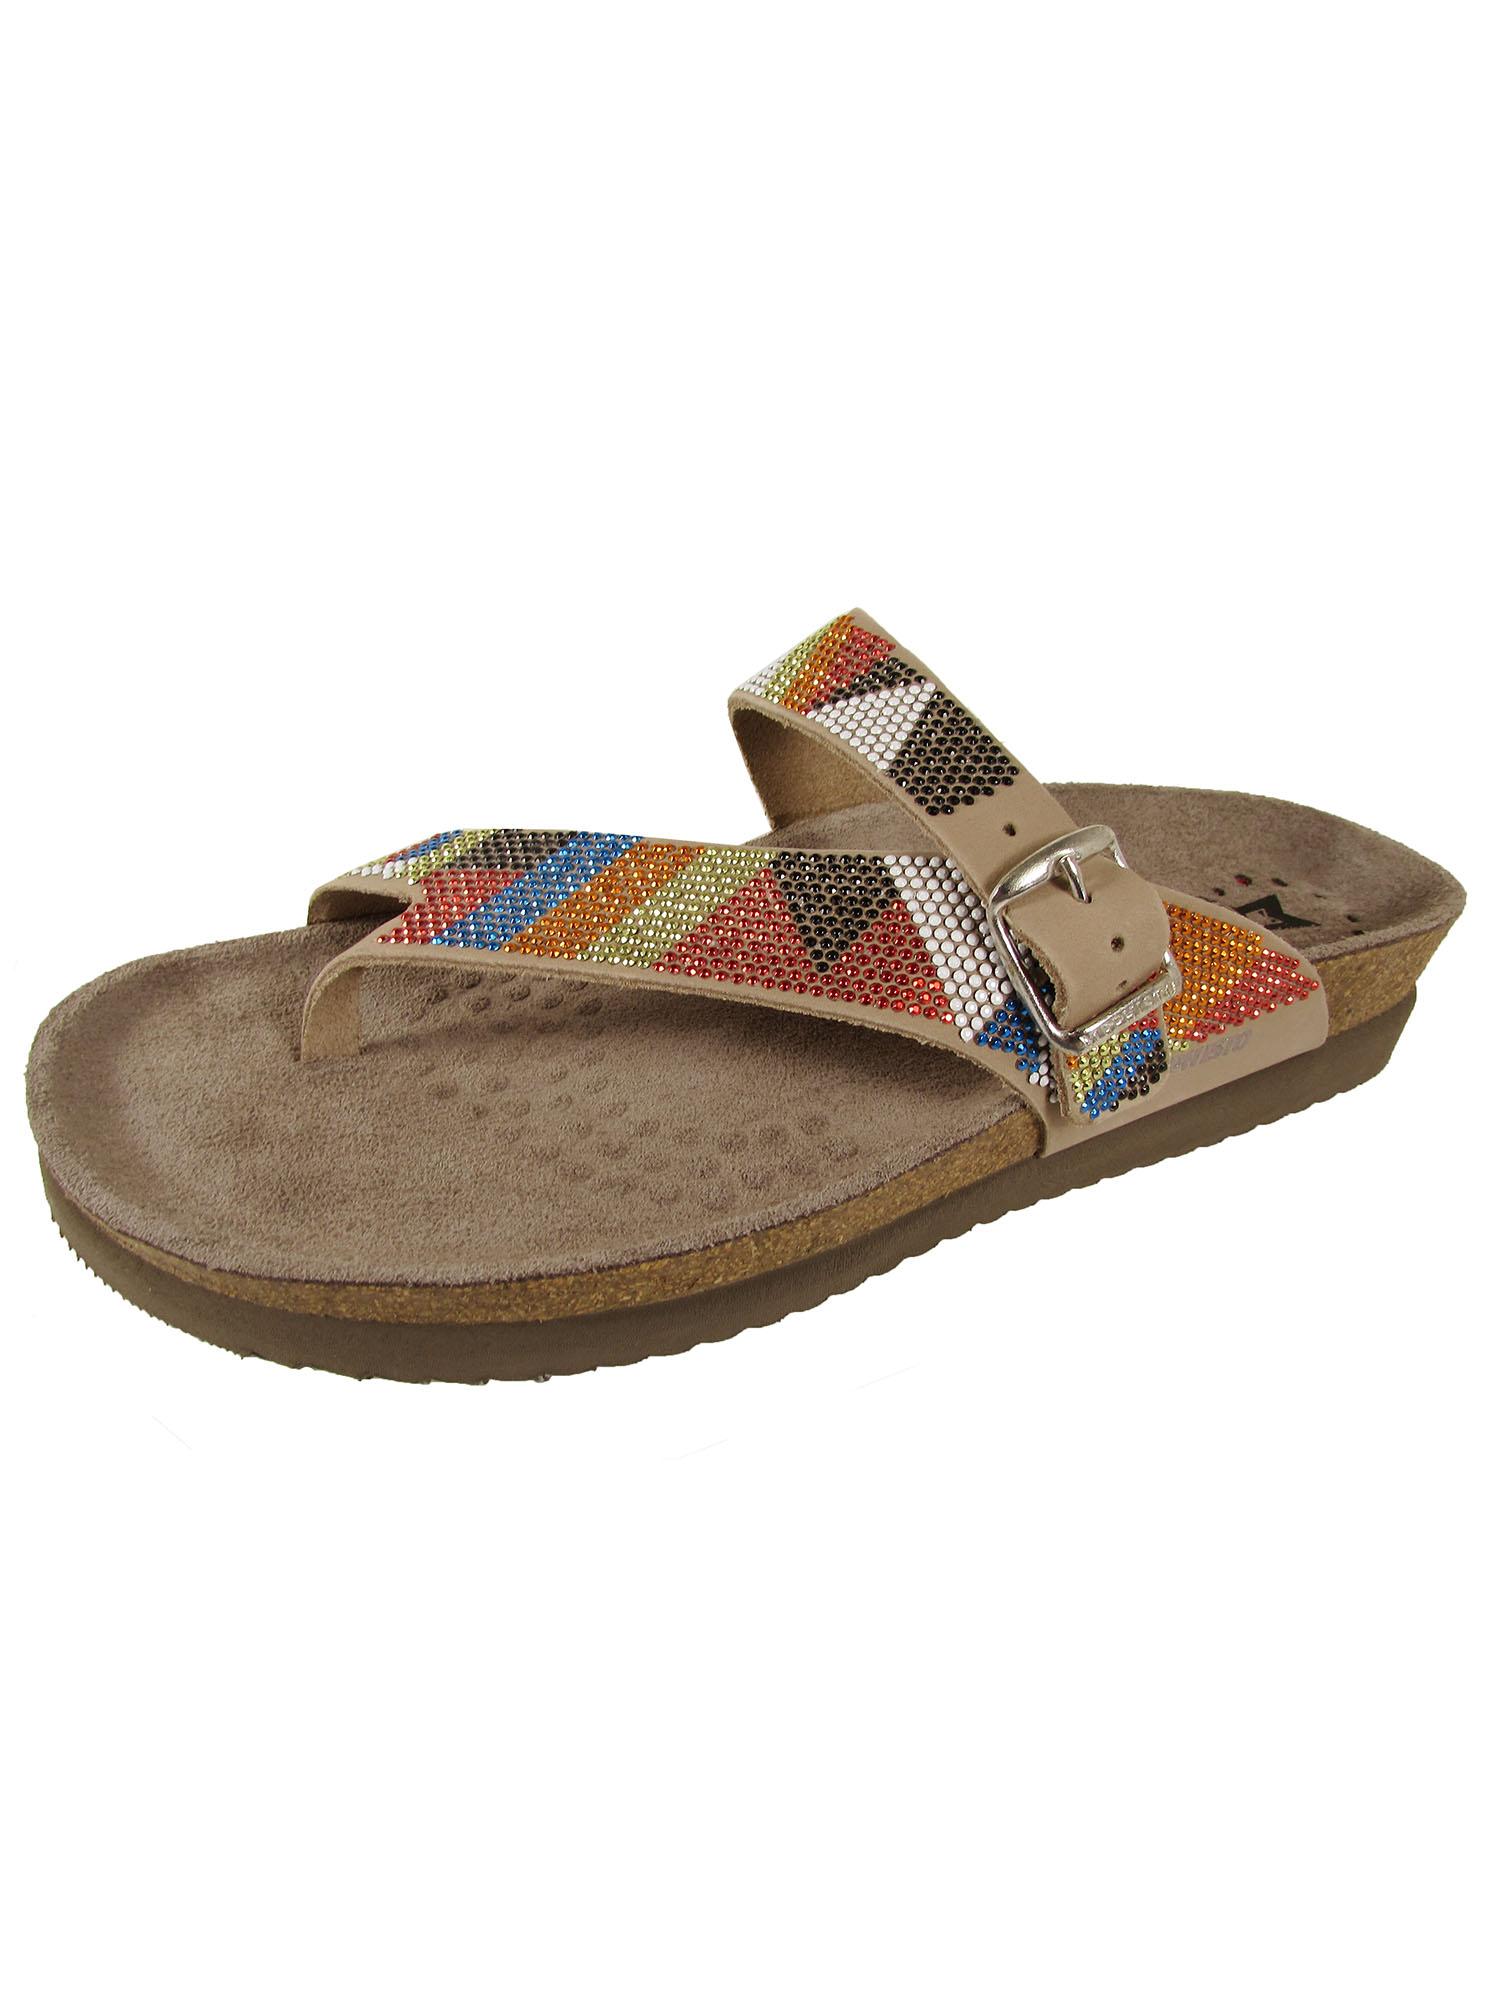 Mephisto donna Helen Spark N N N Thong Sandal scarpe, Light Sand rosso blu, US 12 b5c0e1